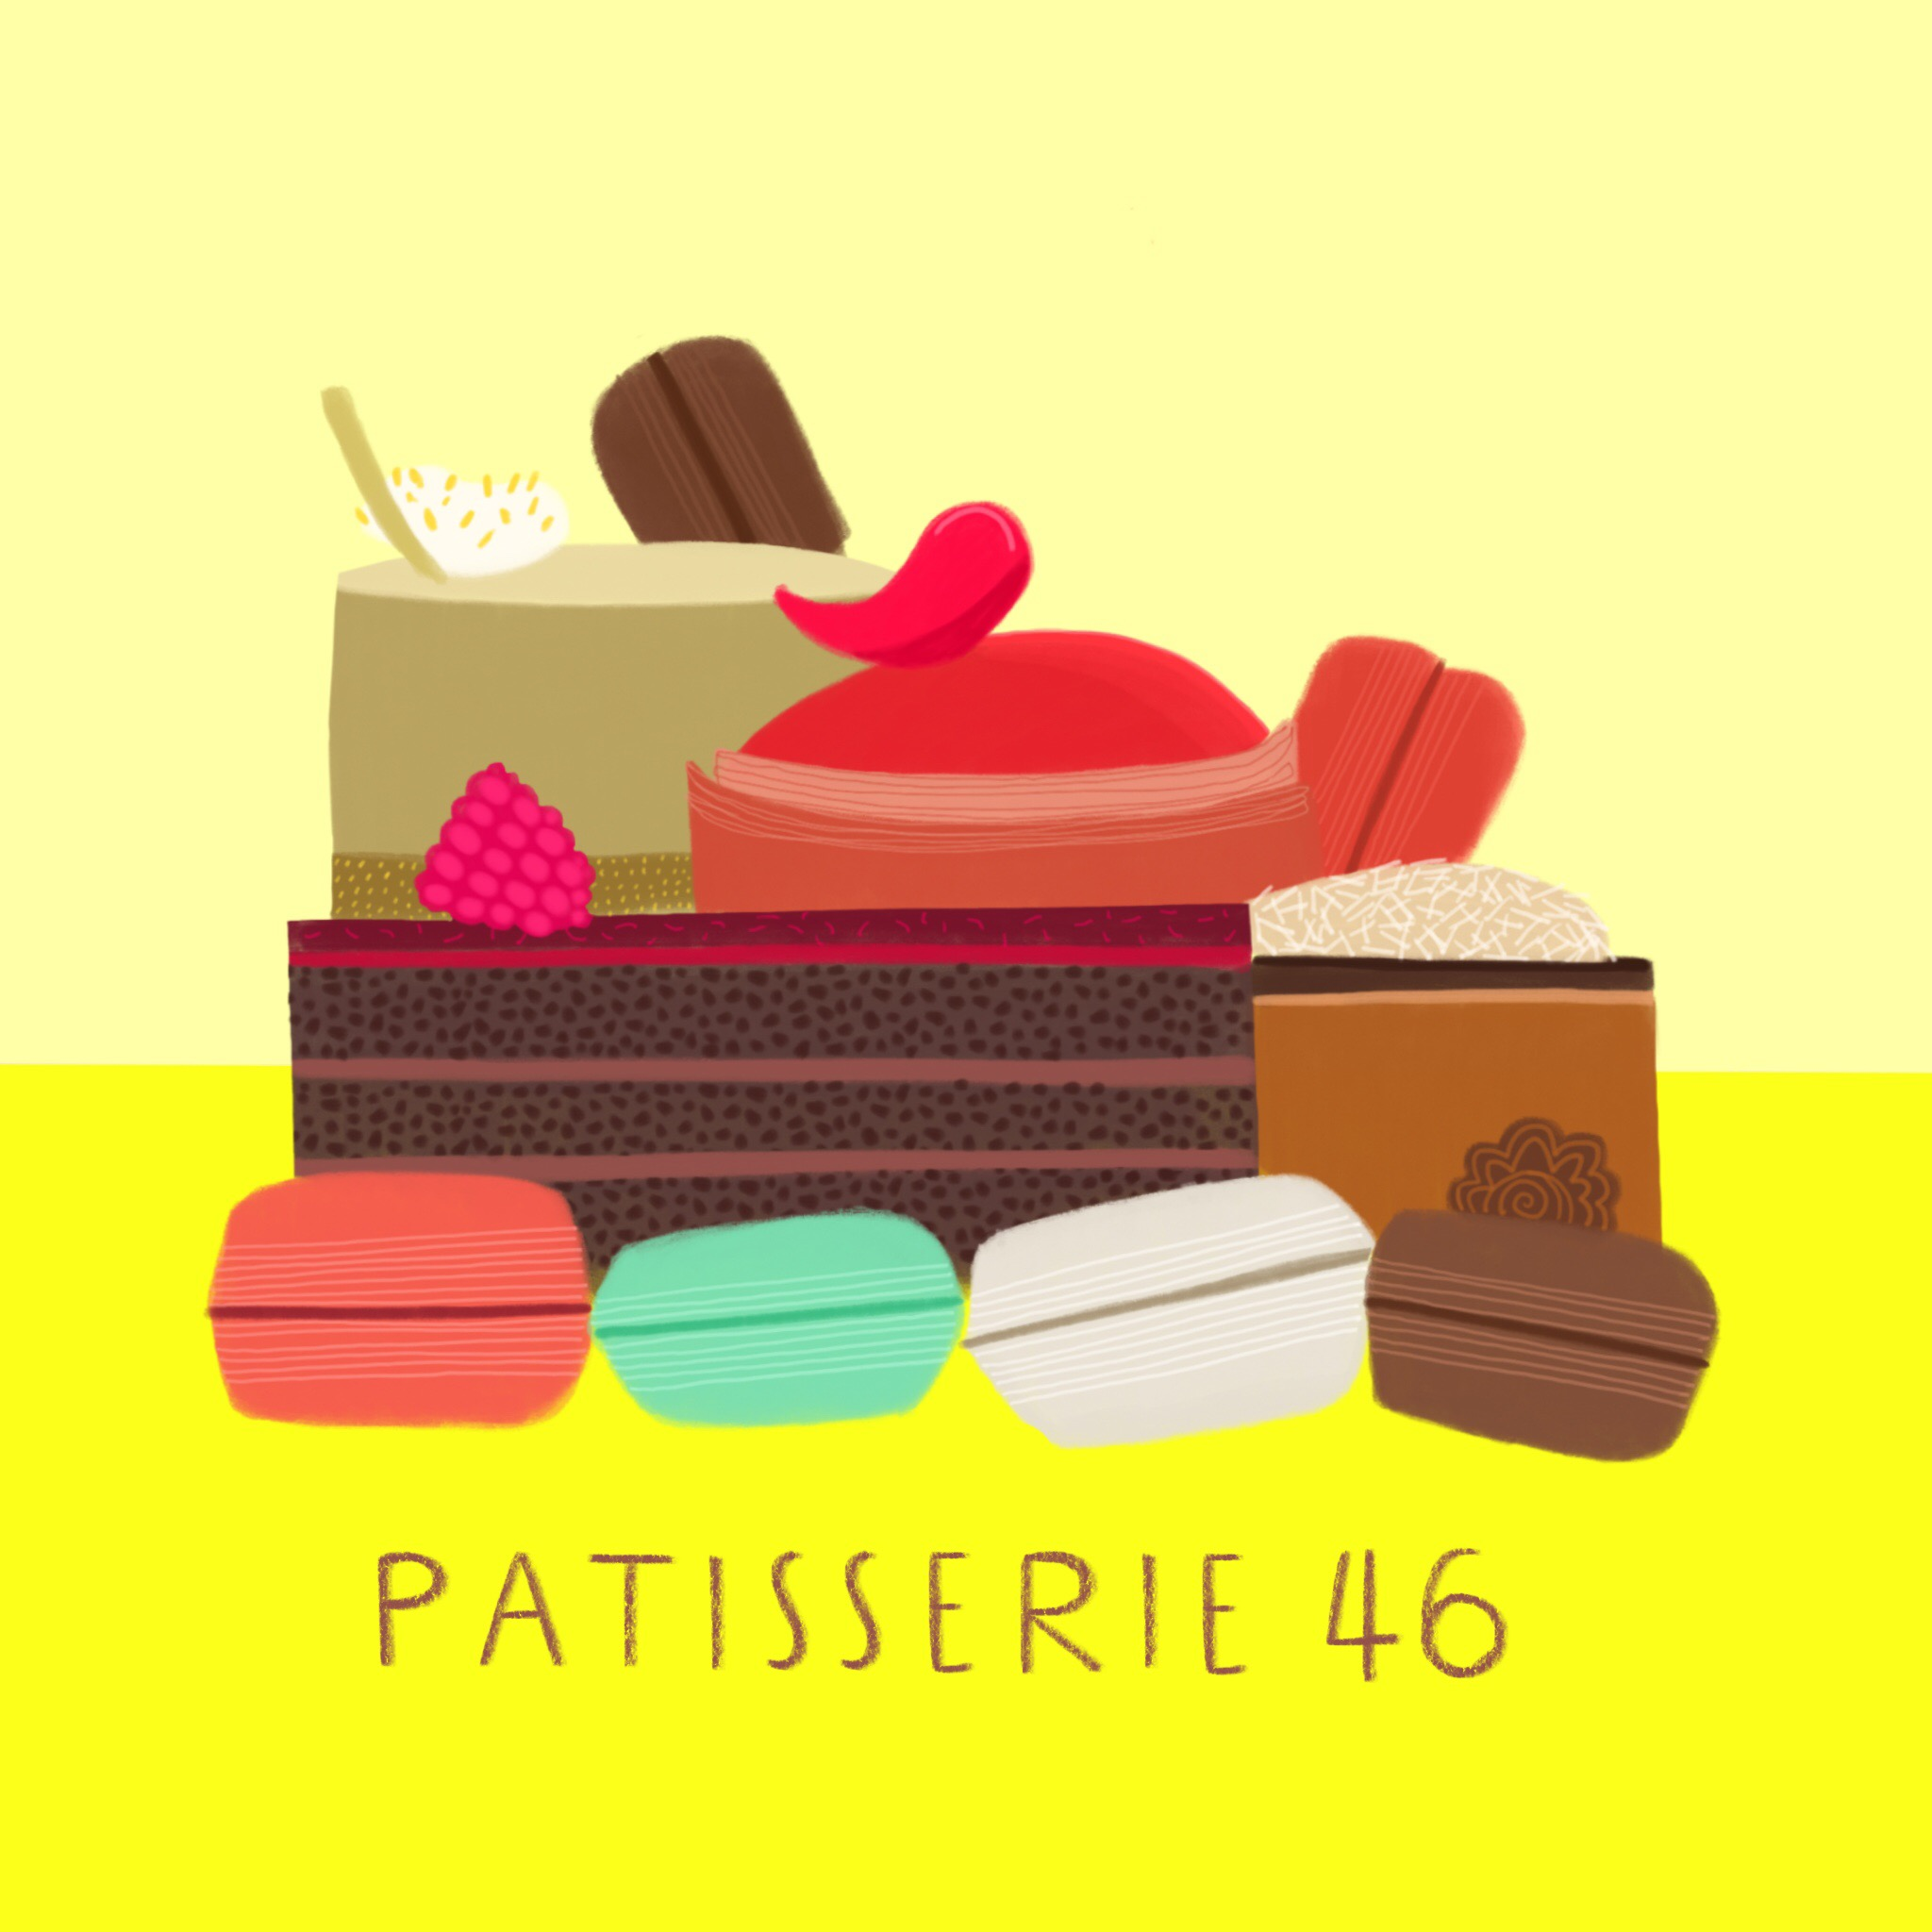 22_-_Patisserie_46.jpg